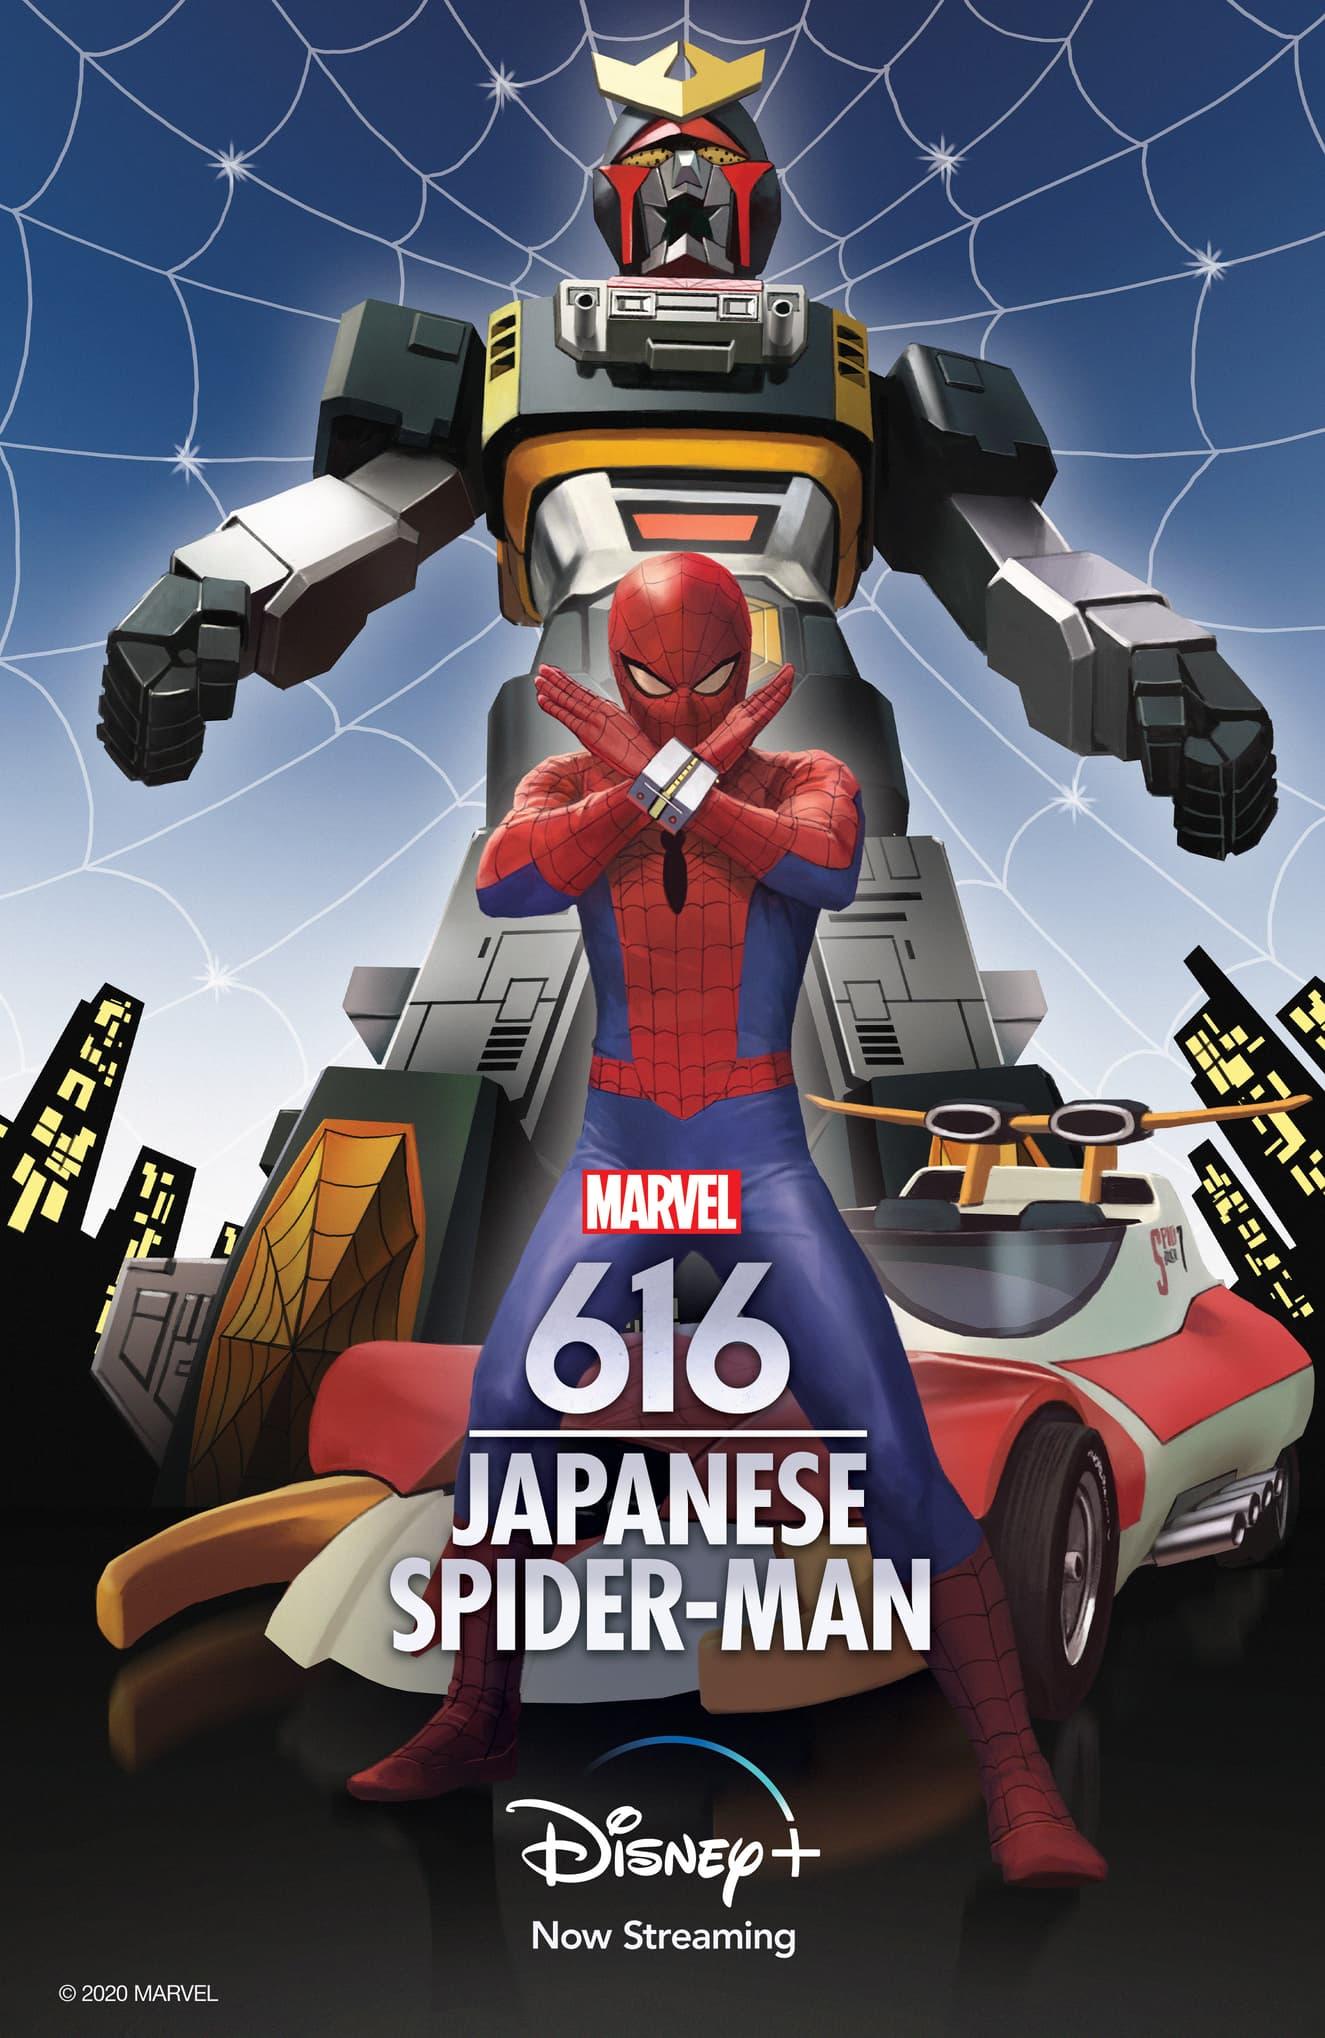 Japanese Spider-Man Marvel's 616